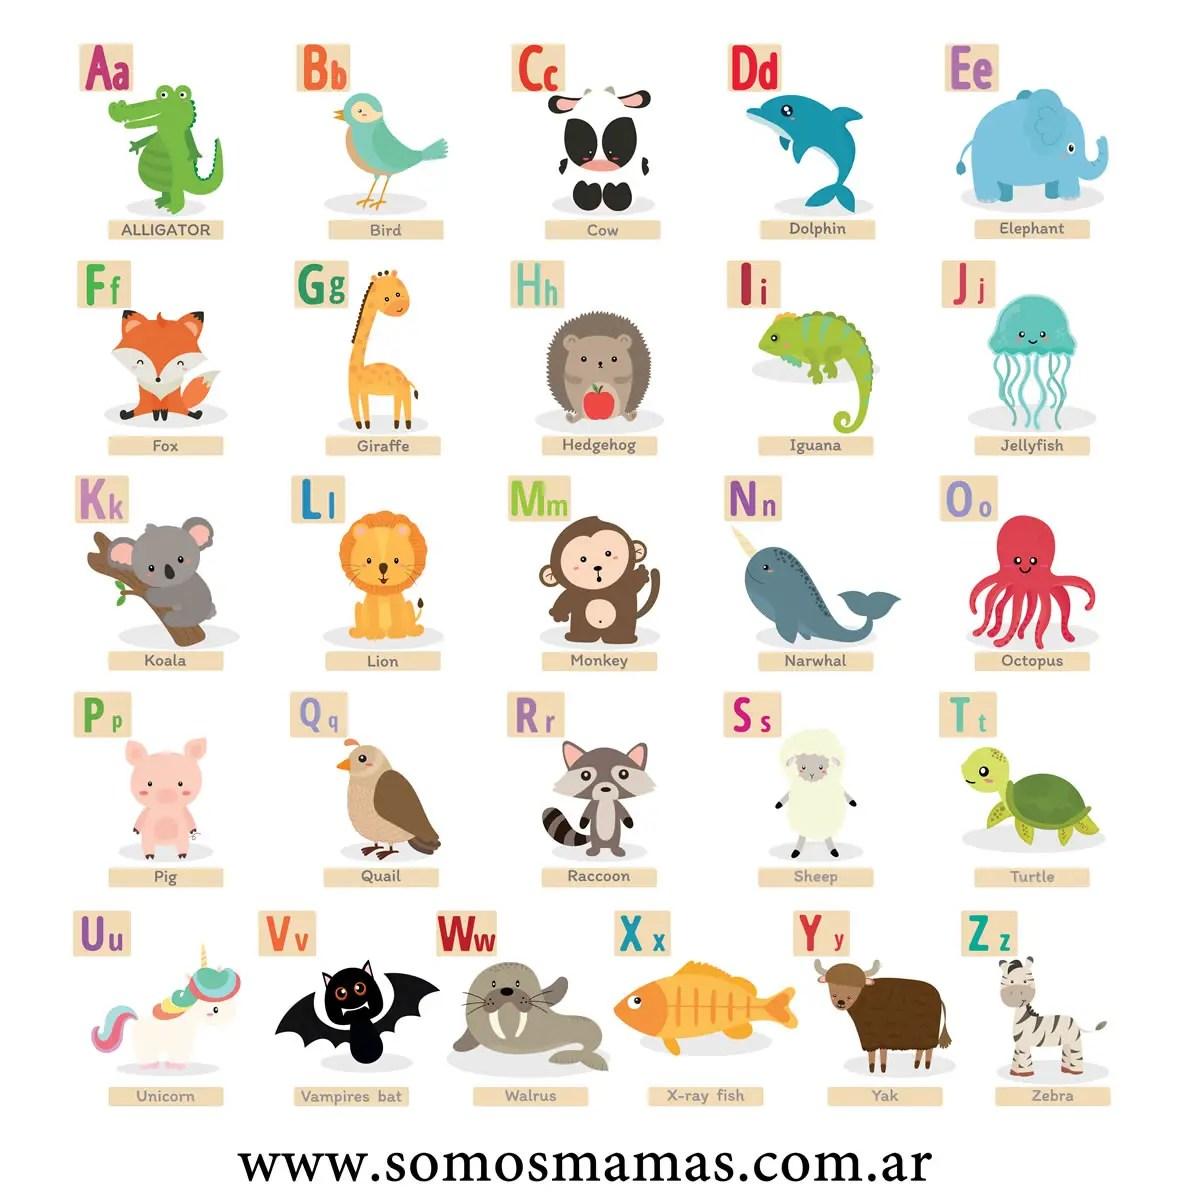 Como Se Dice Que Su Nombre En Ingles The Emoji